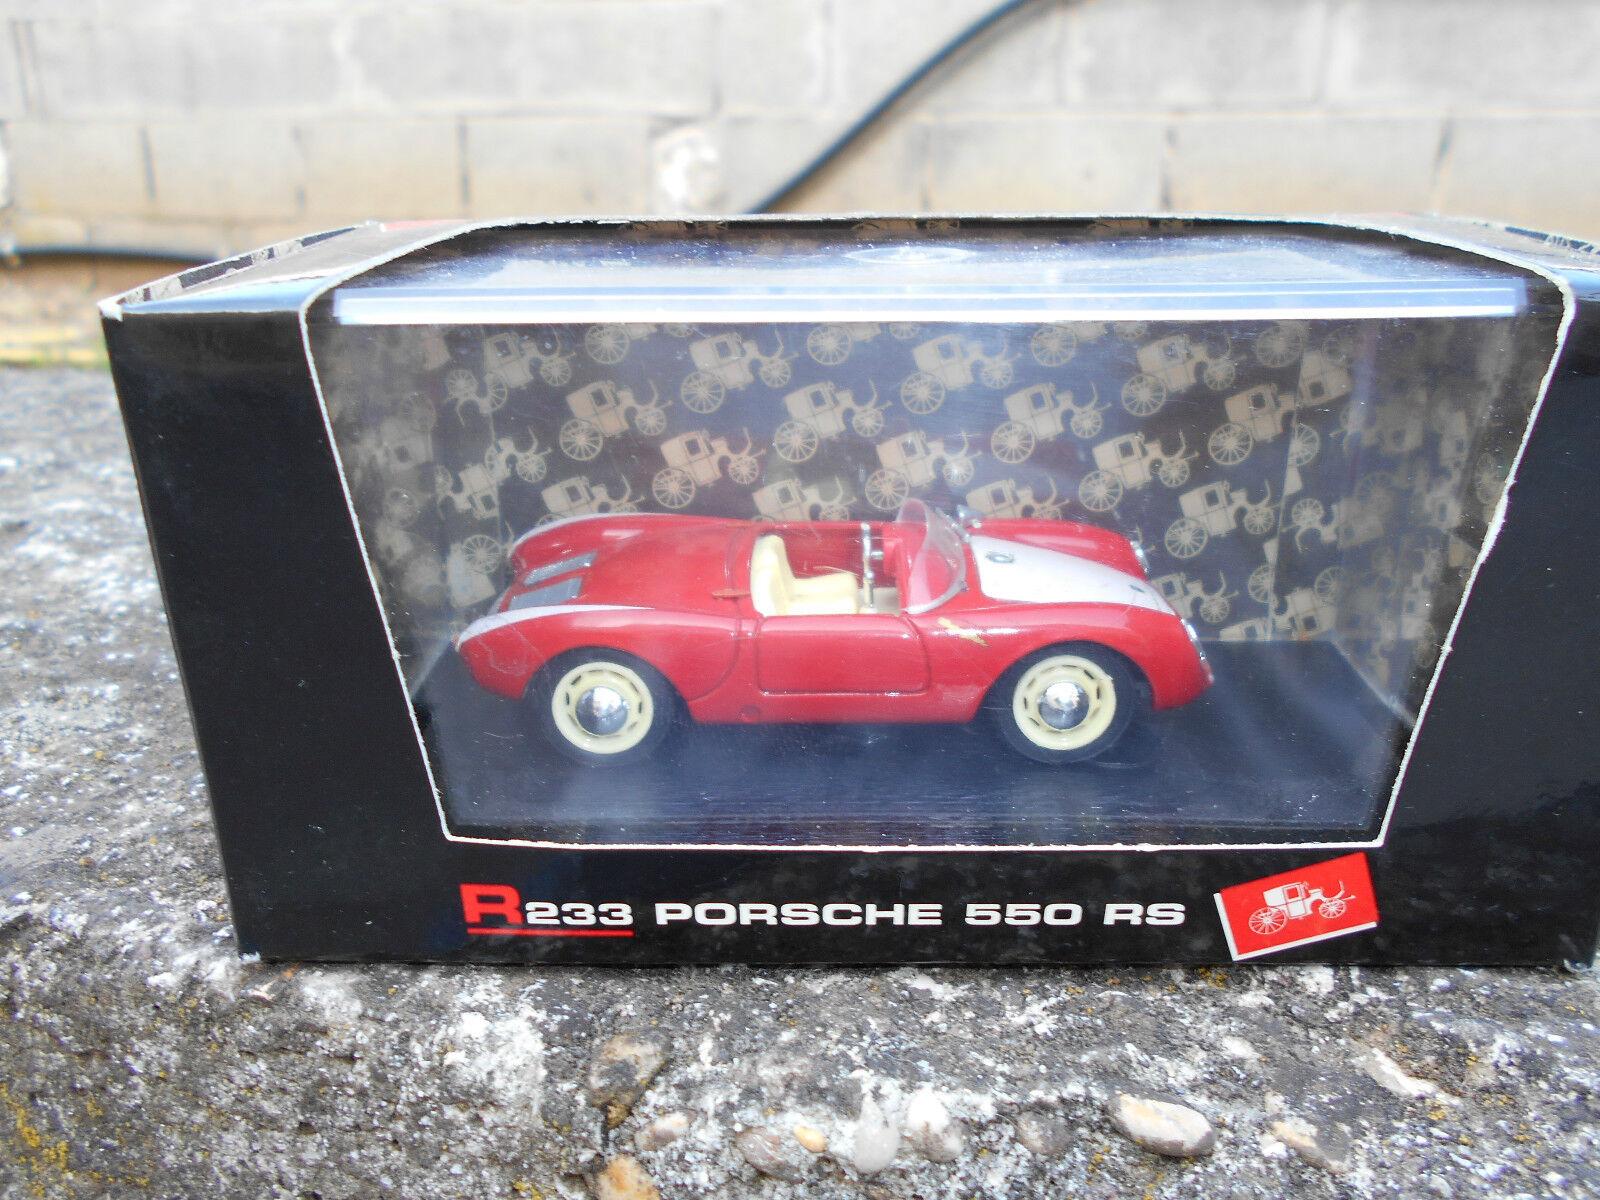 PORSCHE 550 RS - BRUMM - ESCALA 1\43 1\43 1\43 R233 72dcfb